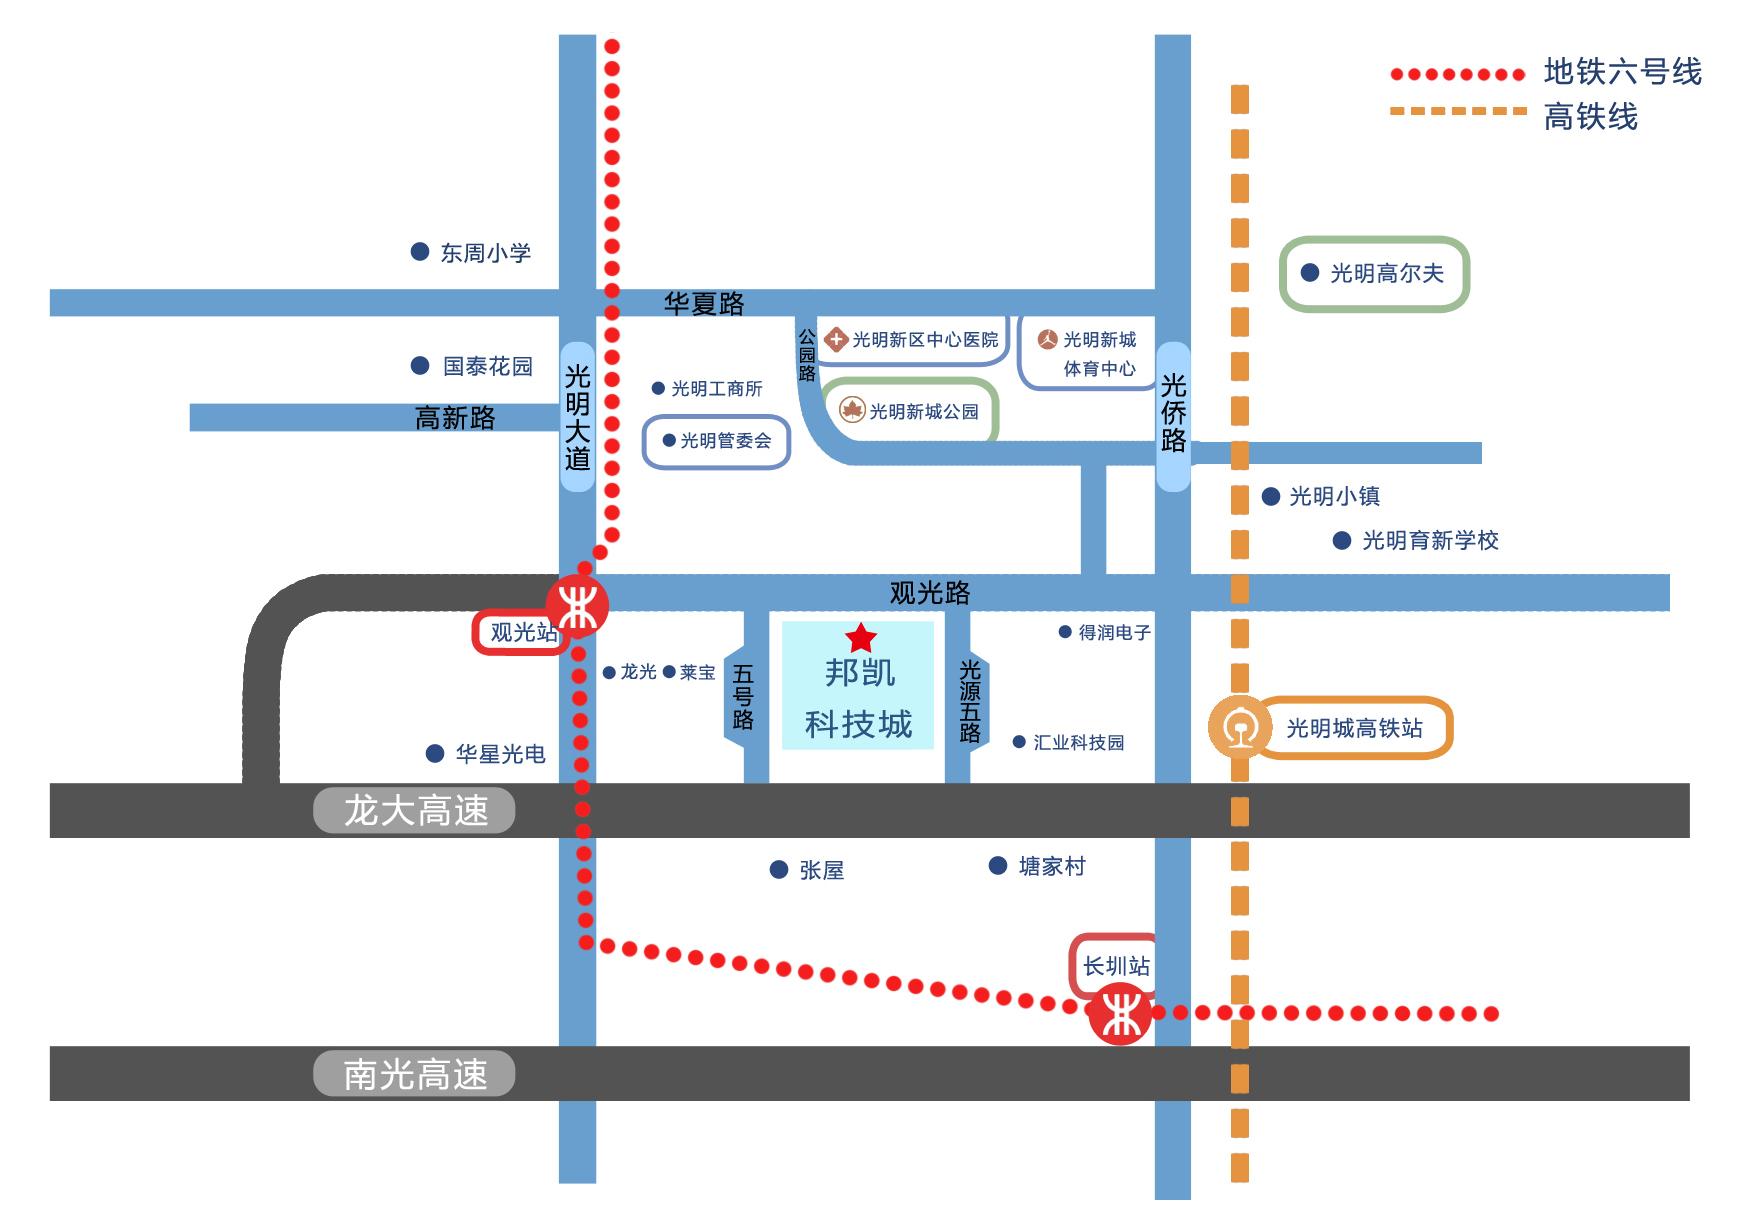 地图sadwfdfw.jpg